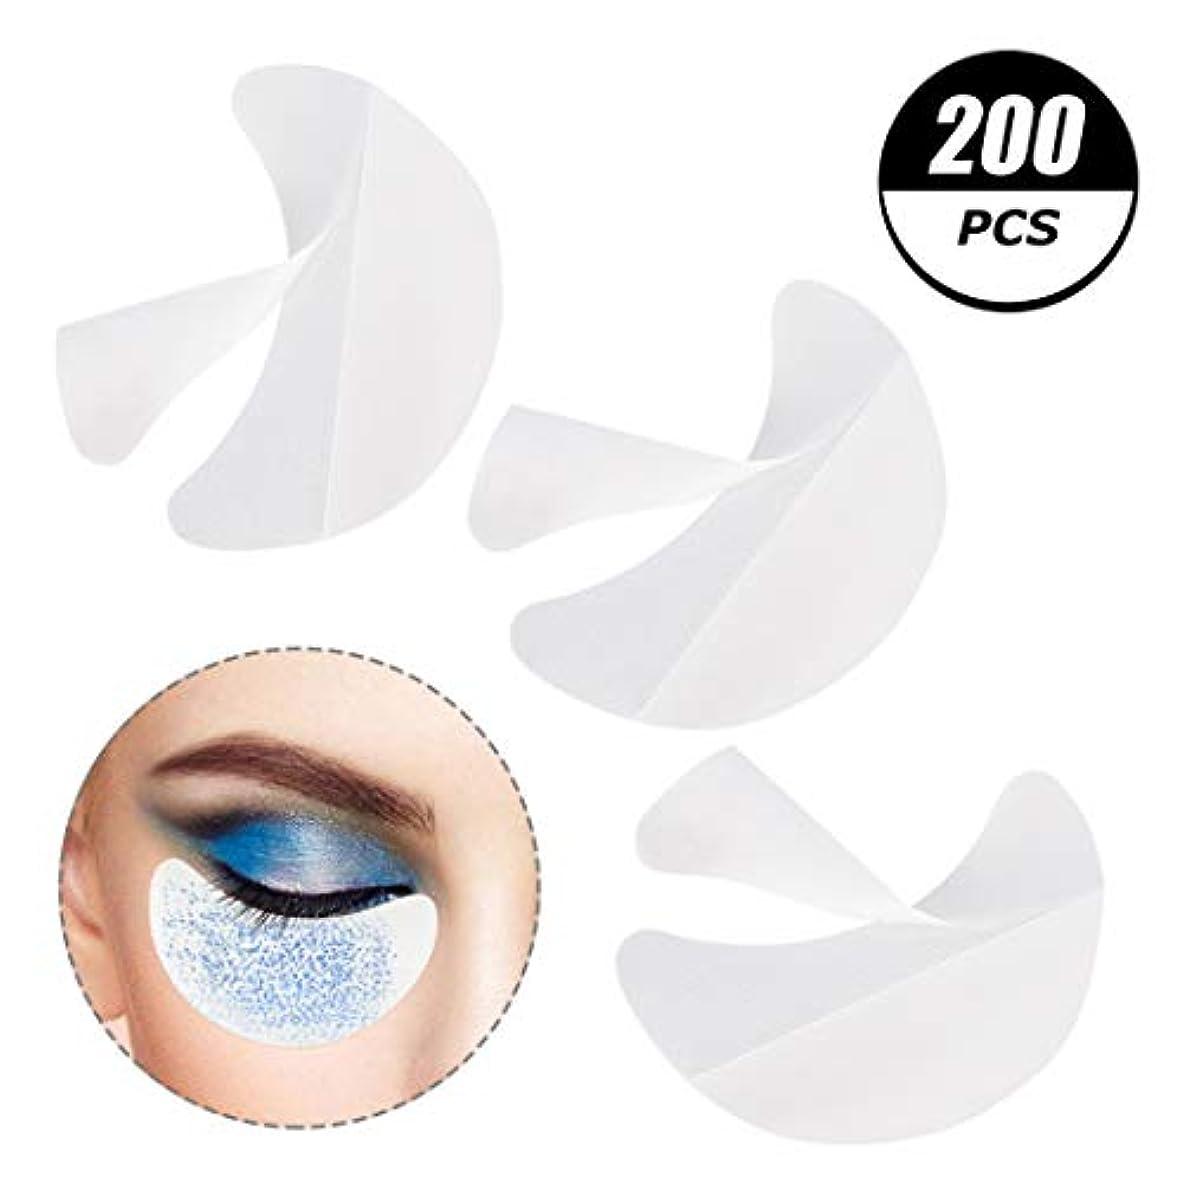 フランクワースリー日焼けリングバックサリーの店 凝った200個のアイシャドーシールドは、まつげ拡大、色合いと唇化粧残余化粧品ツールを防止するためにアイメイクパッドアイシャドーステンシルをシールドします